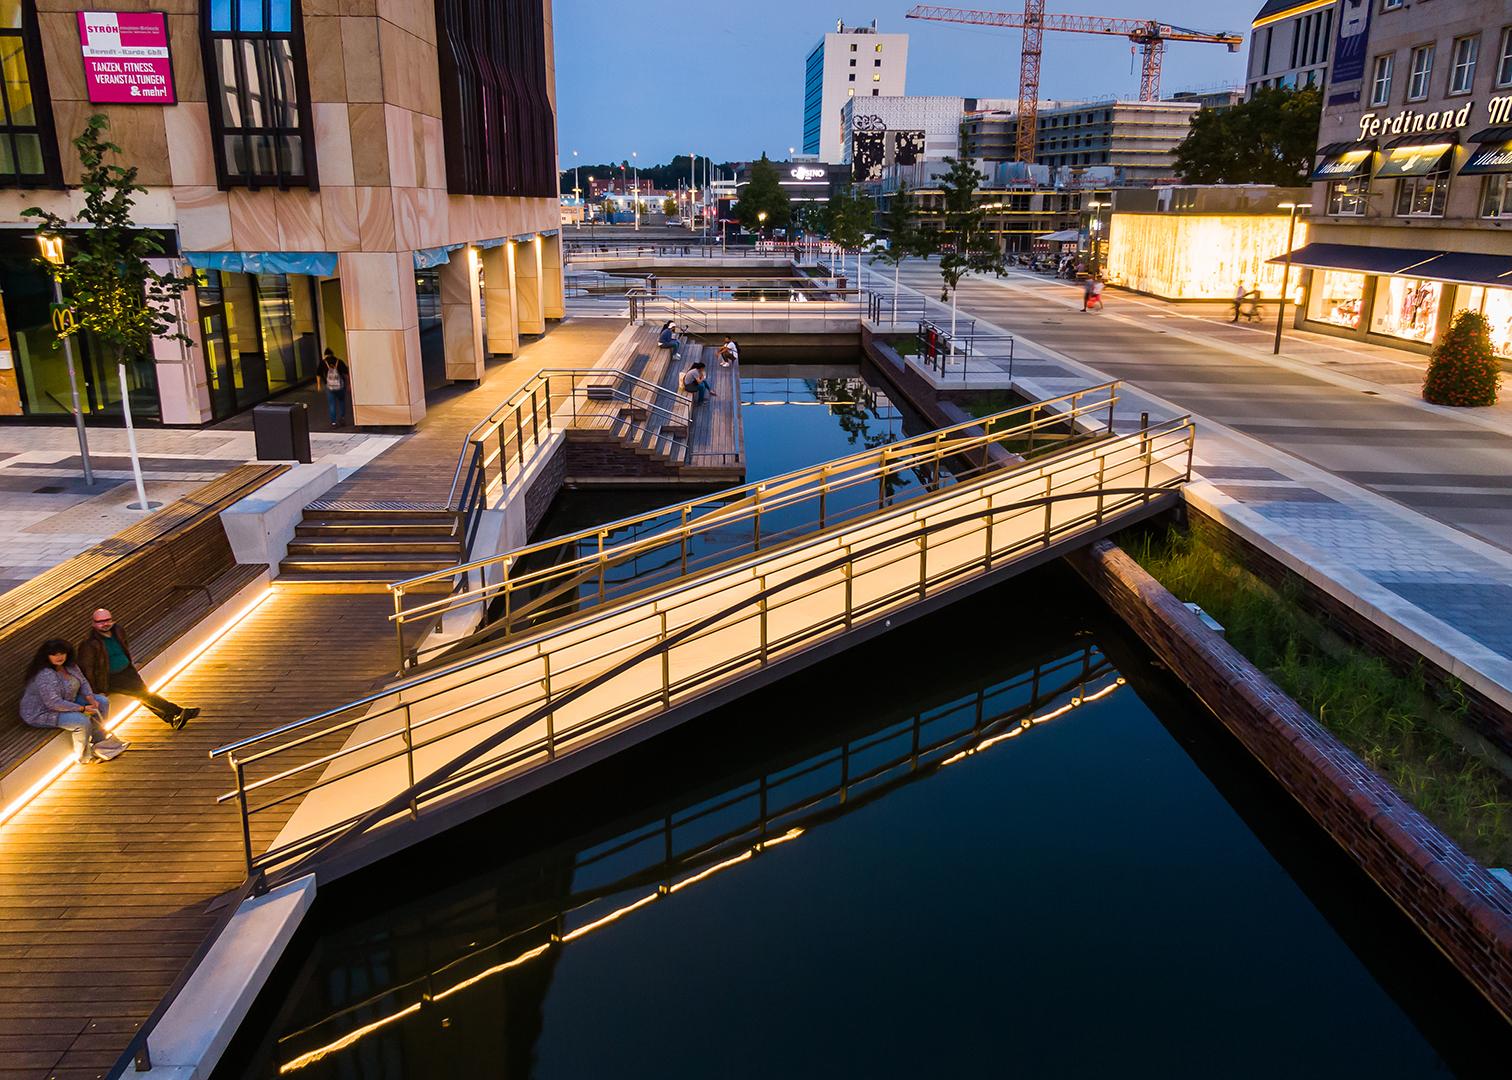 sauerzapfe-architekten-bruecke-kleiner-kiel-kanal-holstenfleet-kiel-05